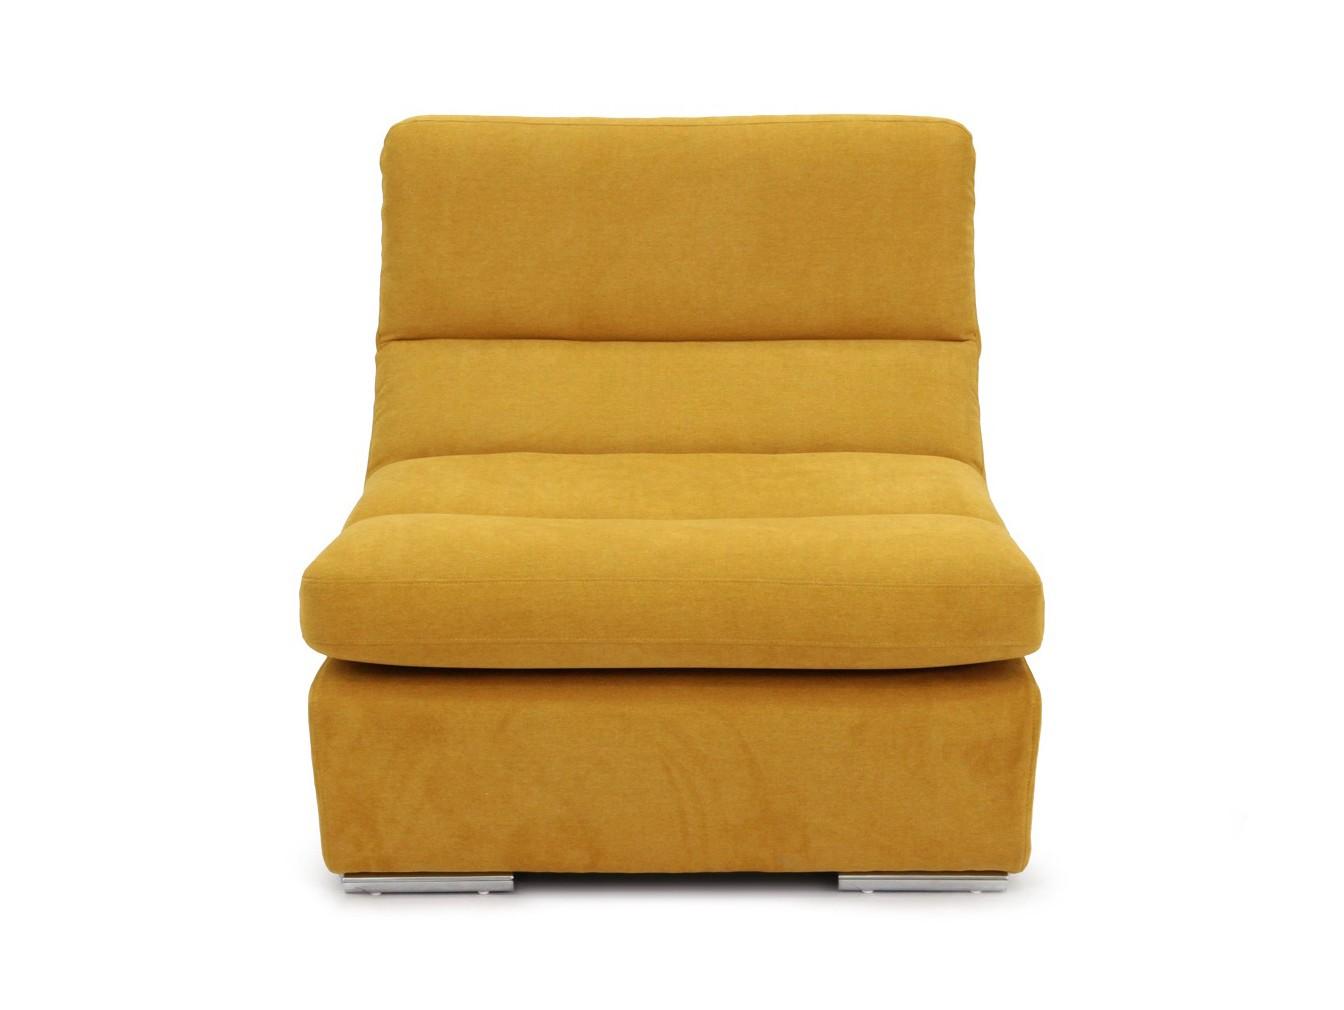 Кресло ПалермоИнтерьерные кресла<br>&amp;lt;div&amp;gt;Кресло &amp;quot;Палермо&amp;quot; - это лучшее решение для тех, кто привык к максимальному комфорт и не готов идти на компромисс с другими вариантами. Уникальный состав наполнителя его сидения заставит Вас по новому пересмотреть значение слова &amp;quot;удобный&amp;quot;.&amp;lt;/div&amp;gt;&amp;lt;div&amp;gt;&amp;lt;br&amp;gt;&amp;lt;/div&amp;gt;&amp;lt;div&amp;gt;Большой выбор обивочных тканей (подробности уточняйте у менеджера).&amp;lt;/div&amp;gt;<br><br>Material: Текстиль<br>Ширина см: 90.0<br>Высота см: 90.0<br>Глубина см: 110.0